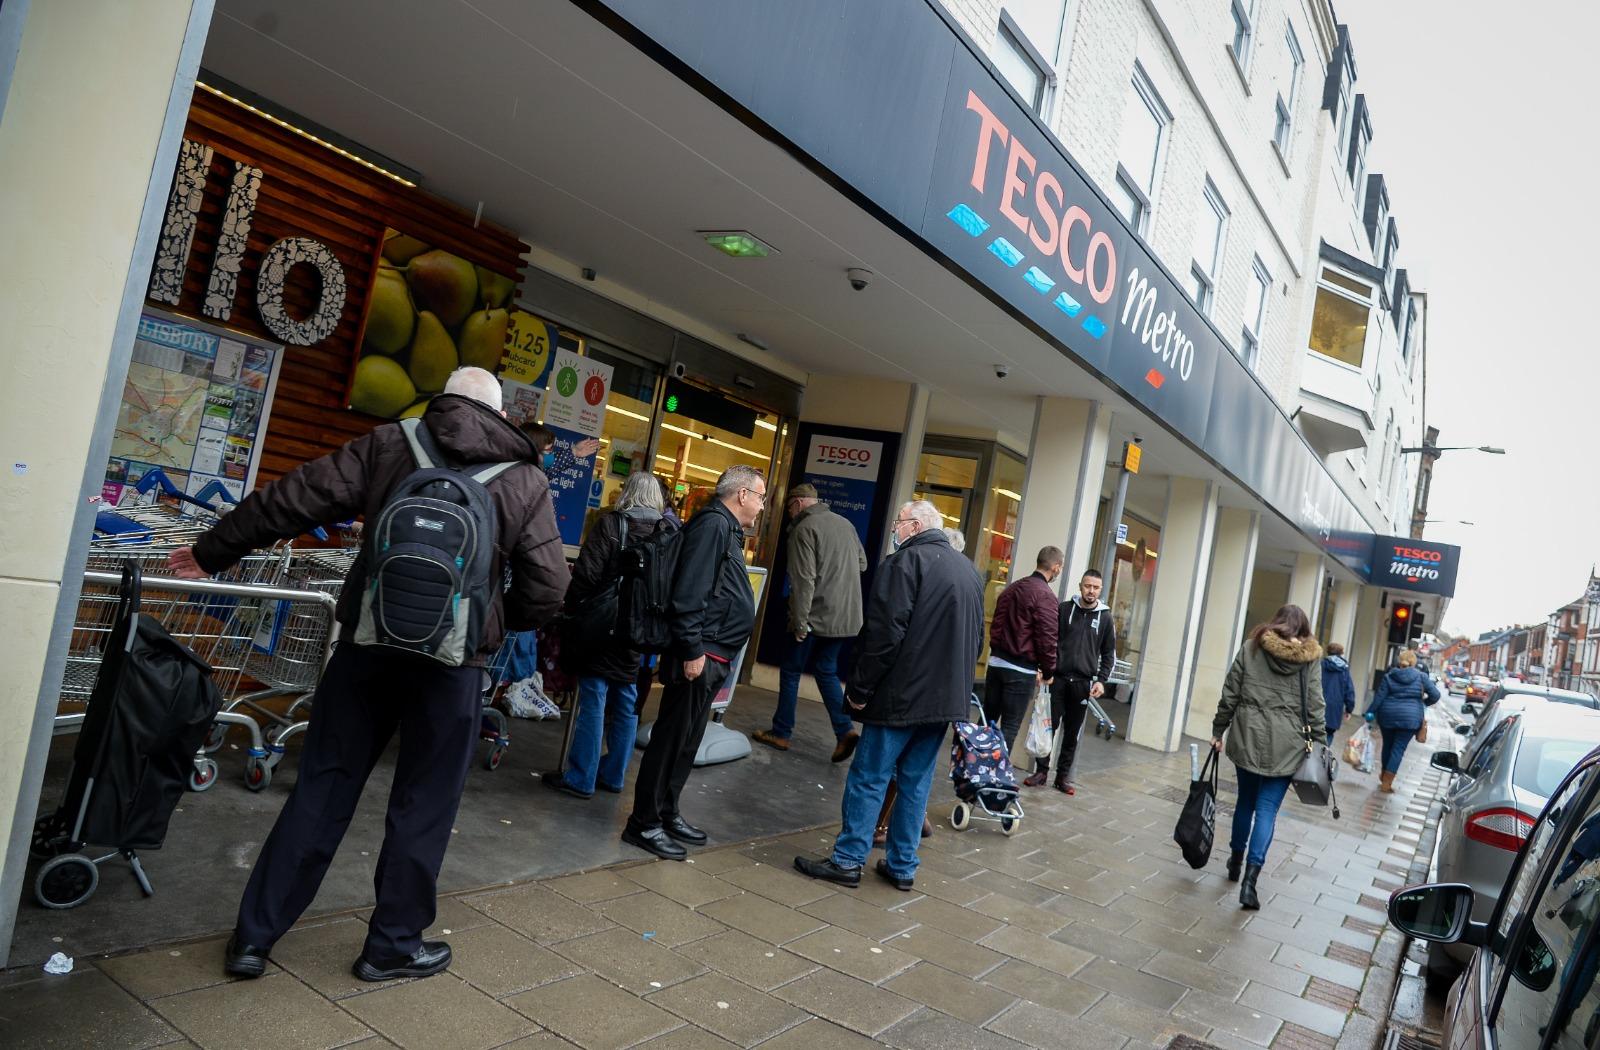 英國出現變種病毒,各國紛紛封關,超市有斷貨危機,股價下跌近3%。圖攝於本月21日的Tesco超市外。(Finnbarr Webster/Getty Images)